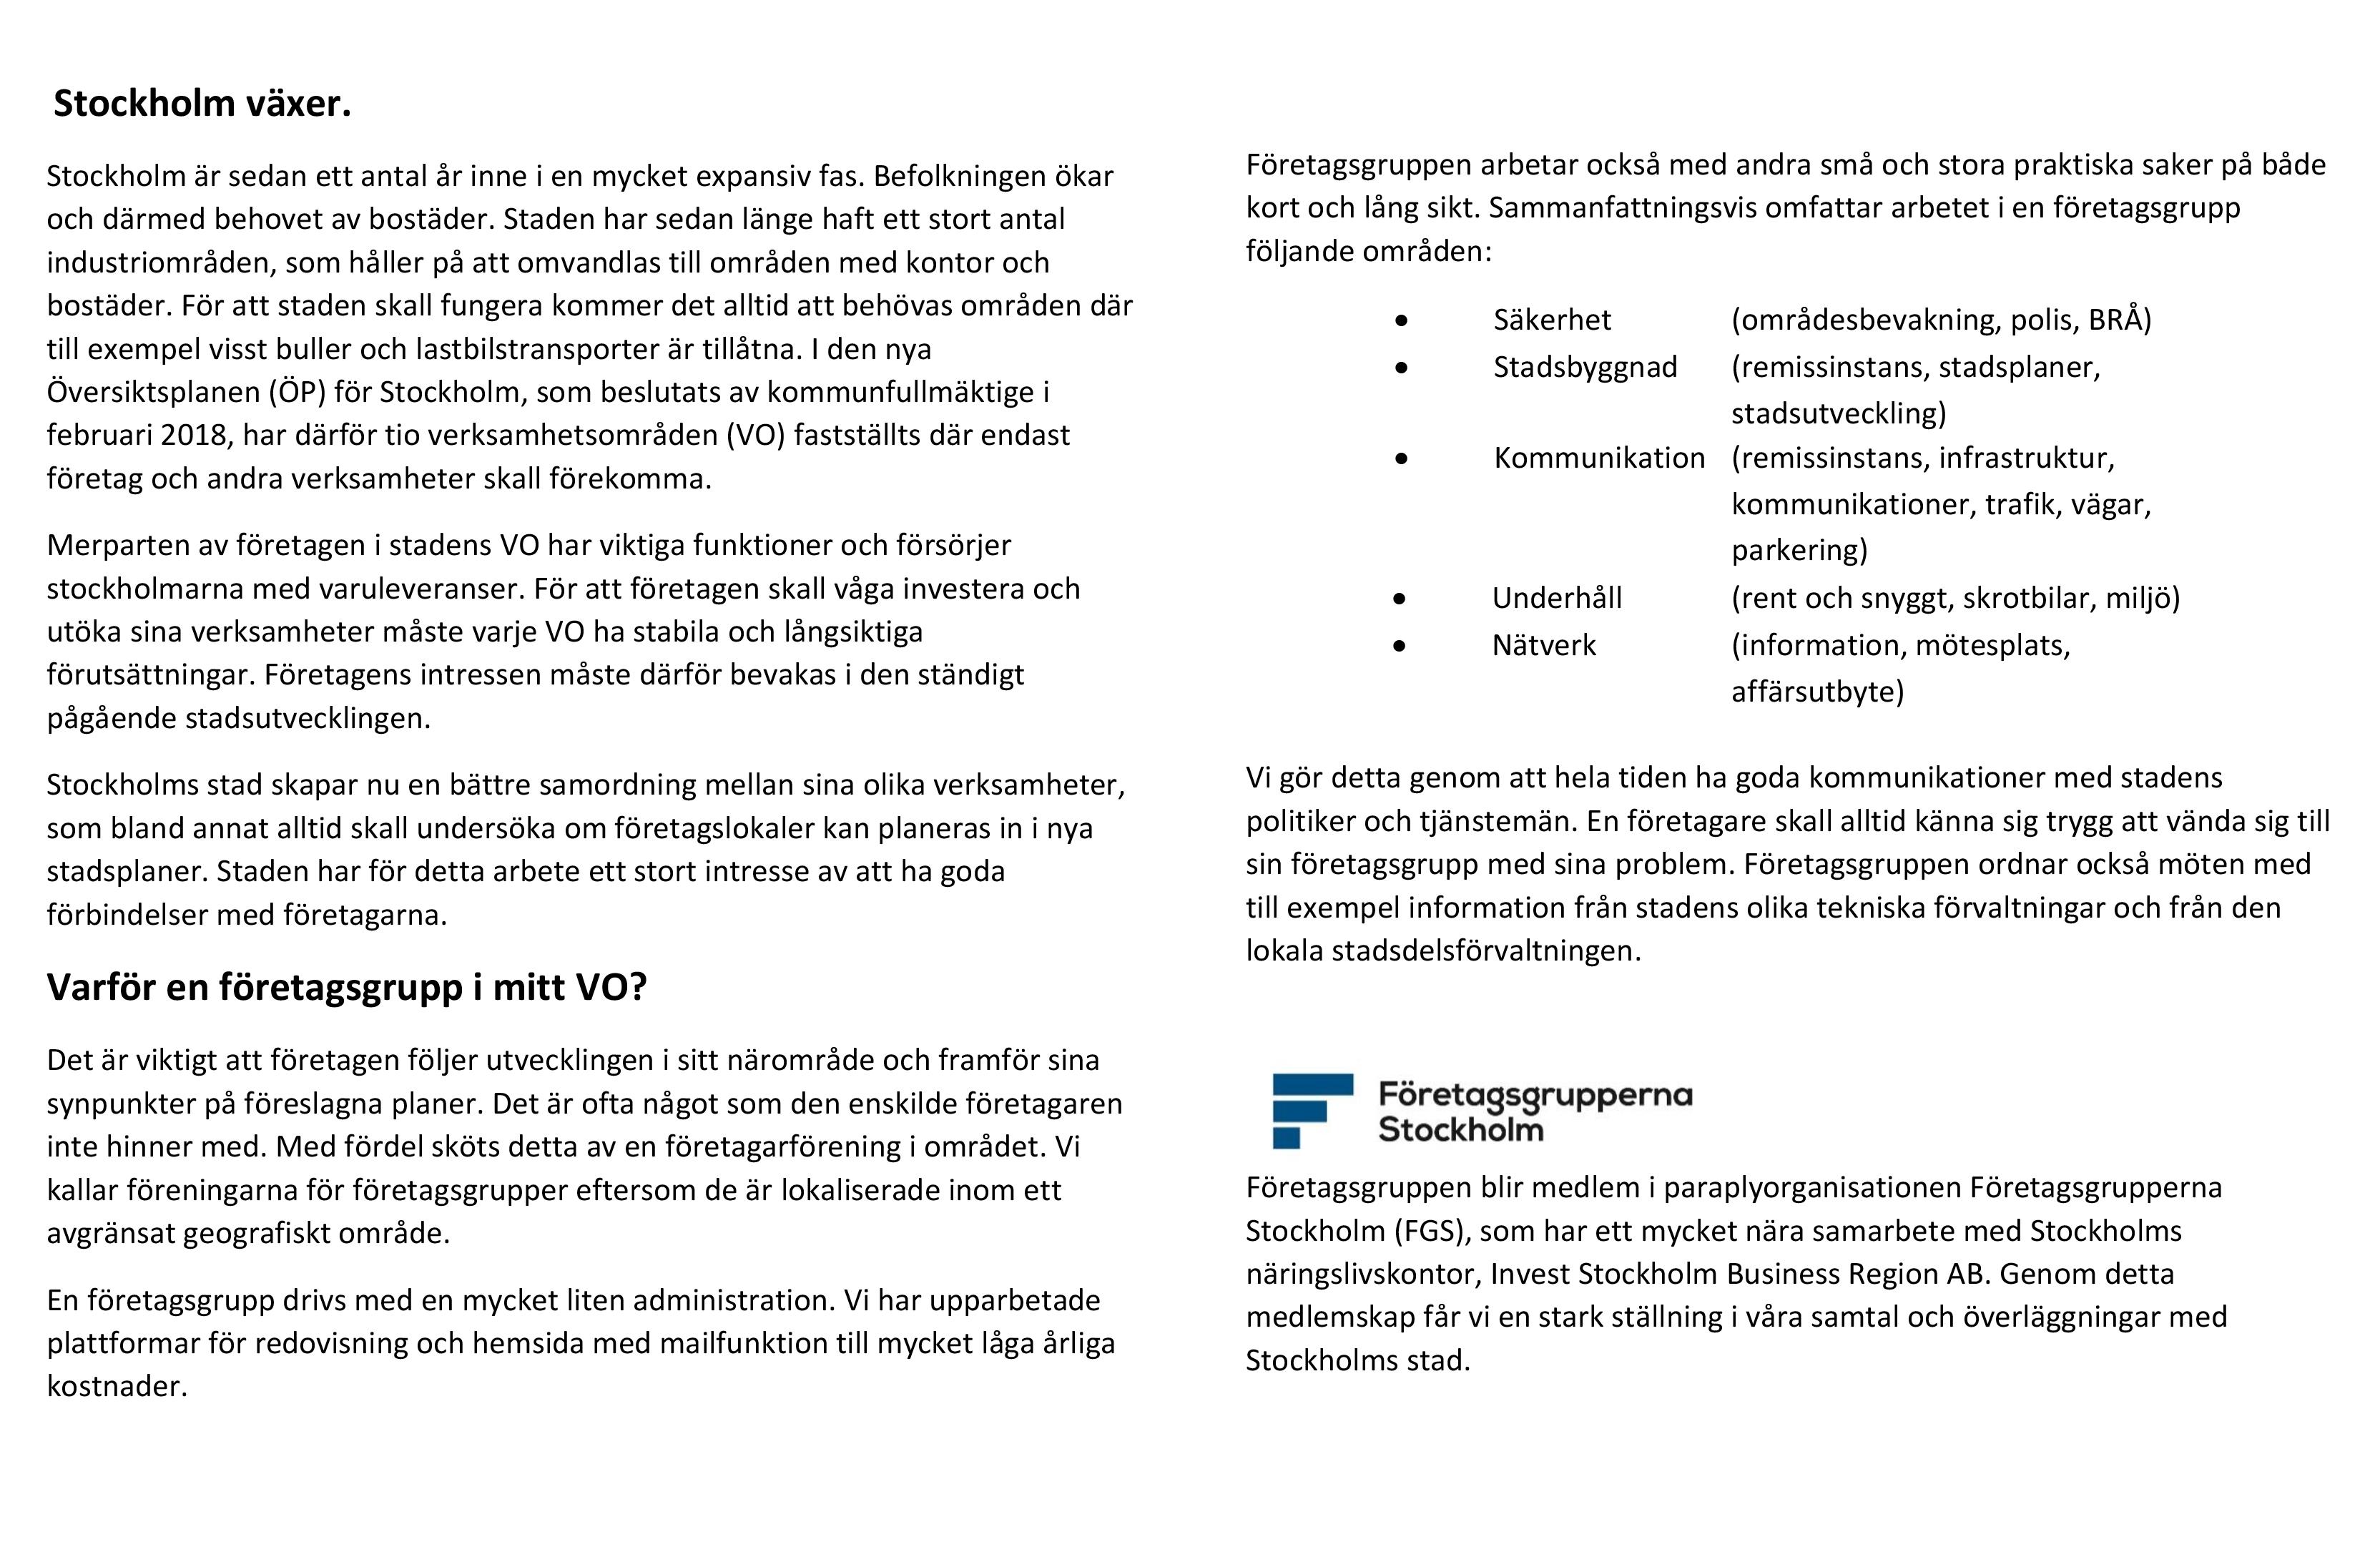 20180315 Broschyr sid 2 Varför en företagsgrupp i mitt område 40474e291702c